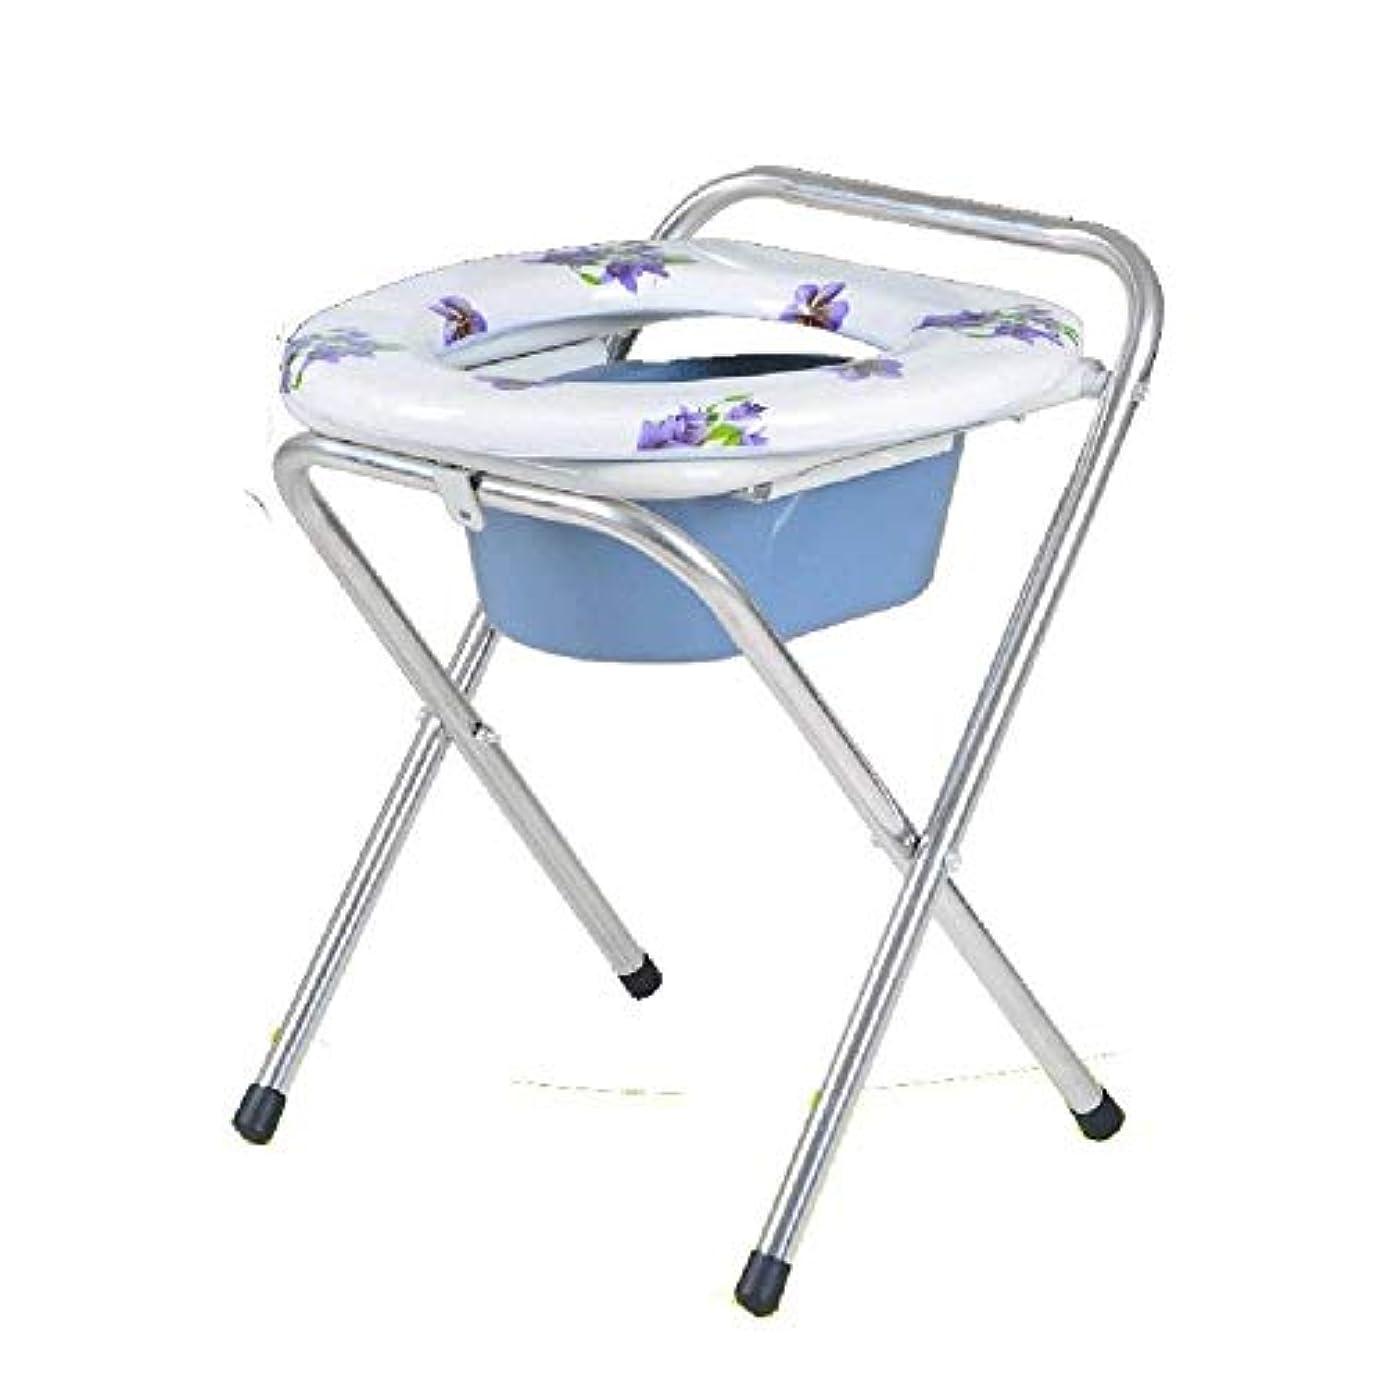 効果的に寛大な追加折りたたみ式便器椅子、高齢者妊娠便座用ステンレス便座